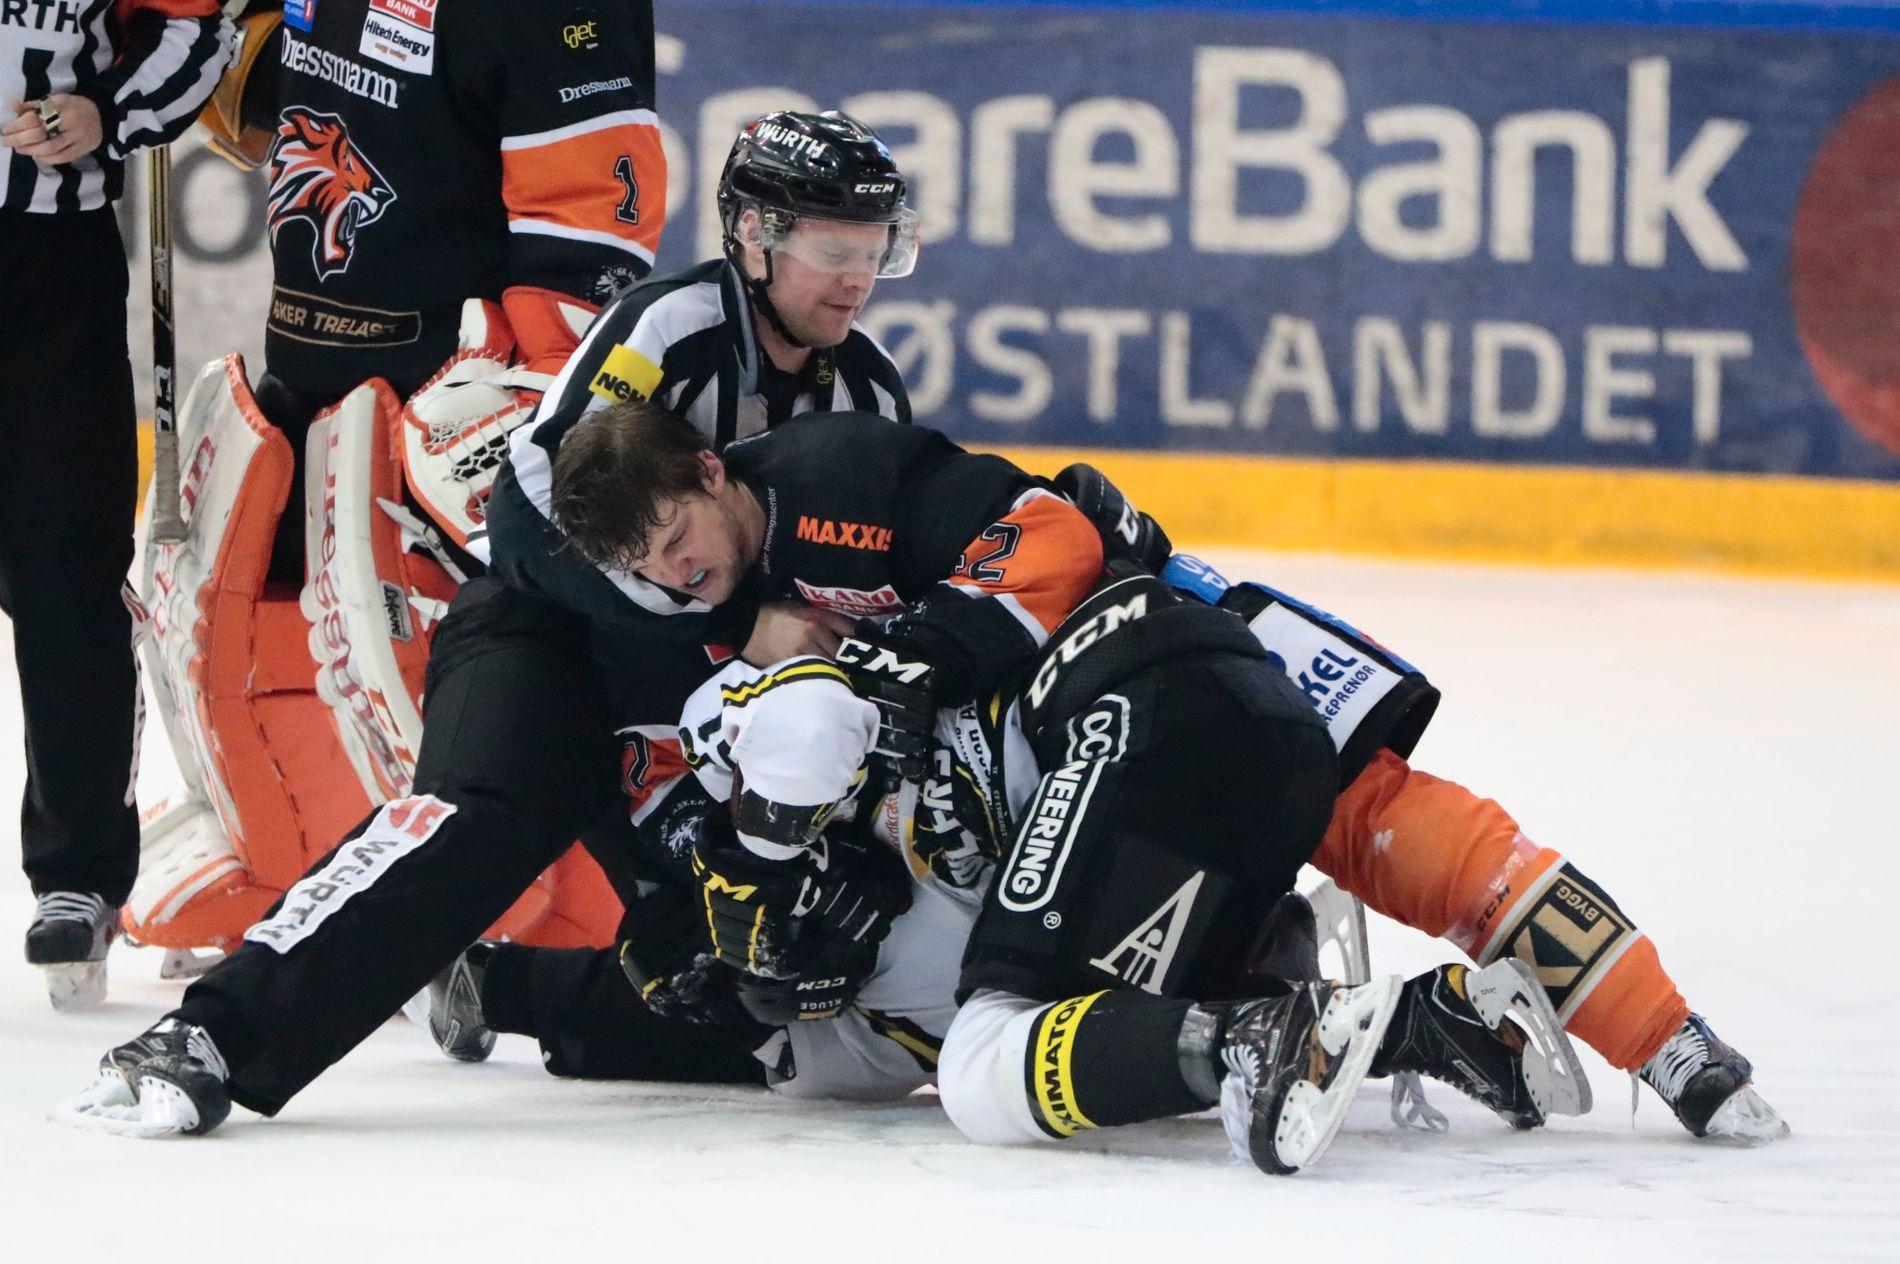 UTSLÅTT: Stavanger Oilers' Philip Cornet har kommet underst i denne situasjonen, og mesterlaget måtte også gi tapt mot Frisk Asker i selve kampen. Henrik Ødegaard er Frisk-spilleren.